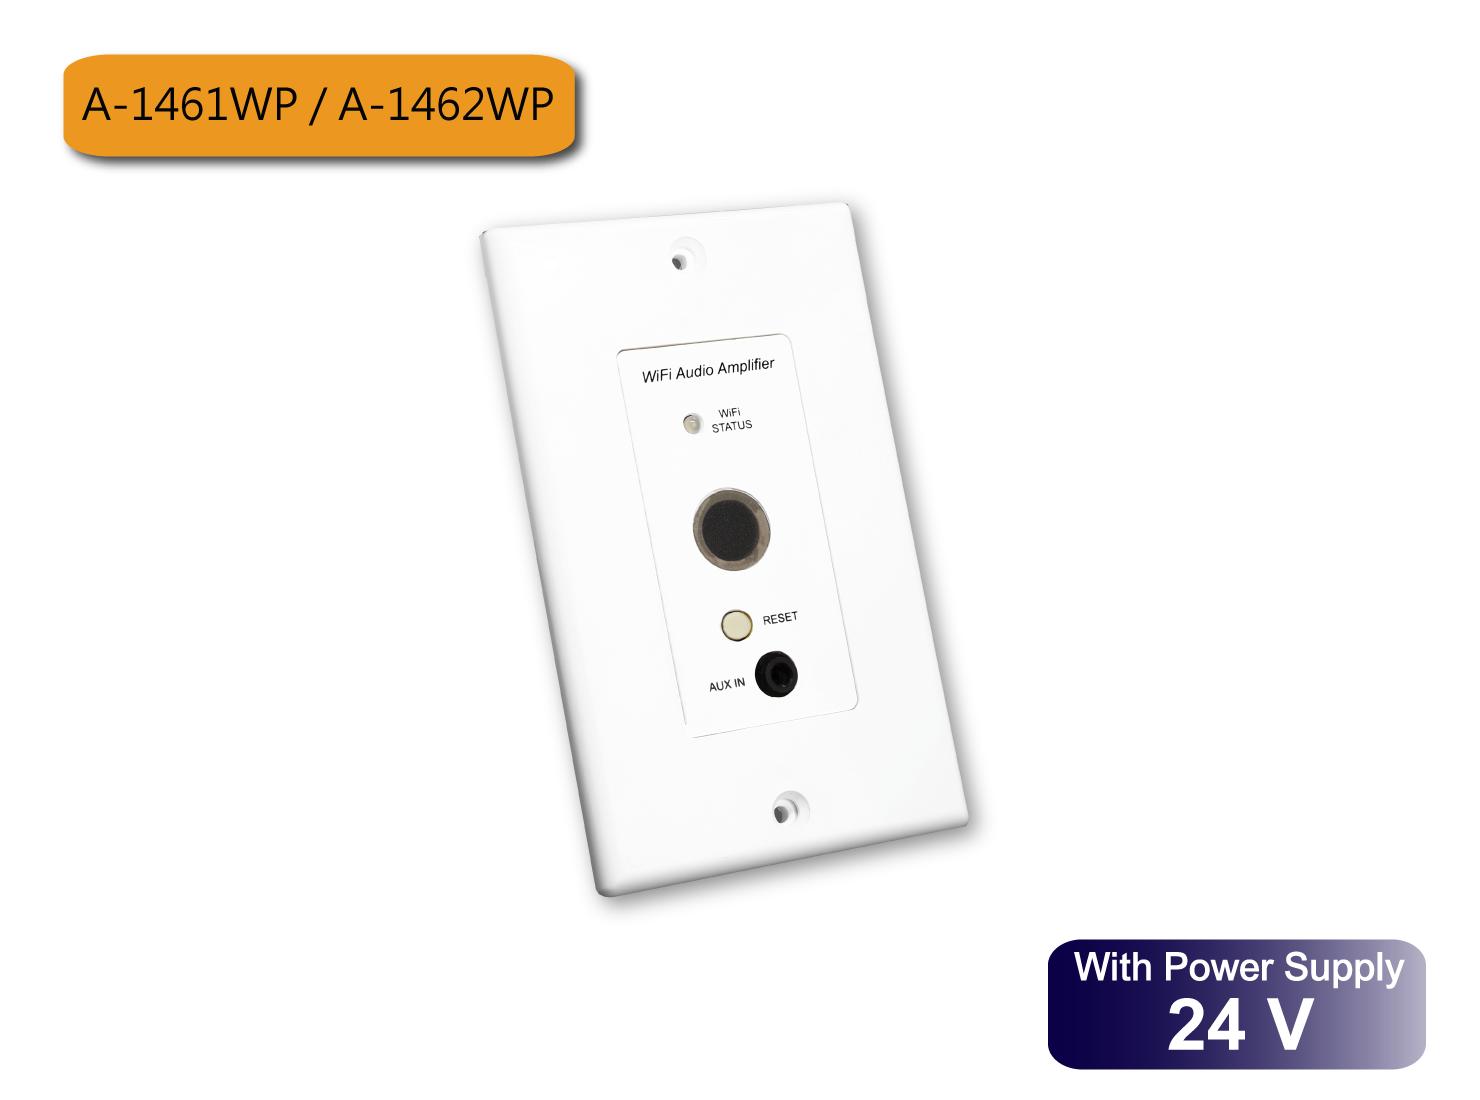 In-Wall 25W / 45W WiFi Audio Amplifier